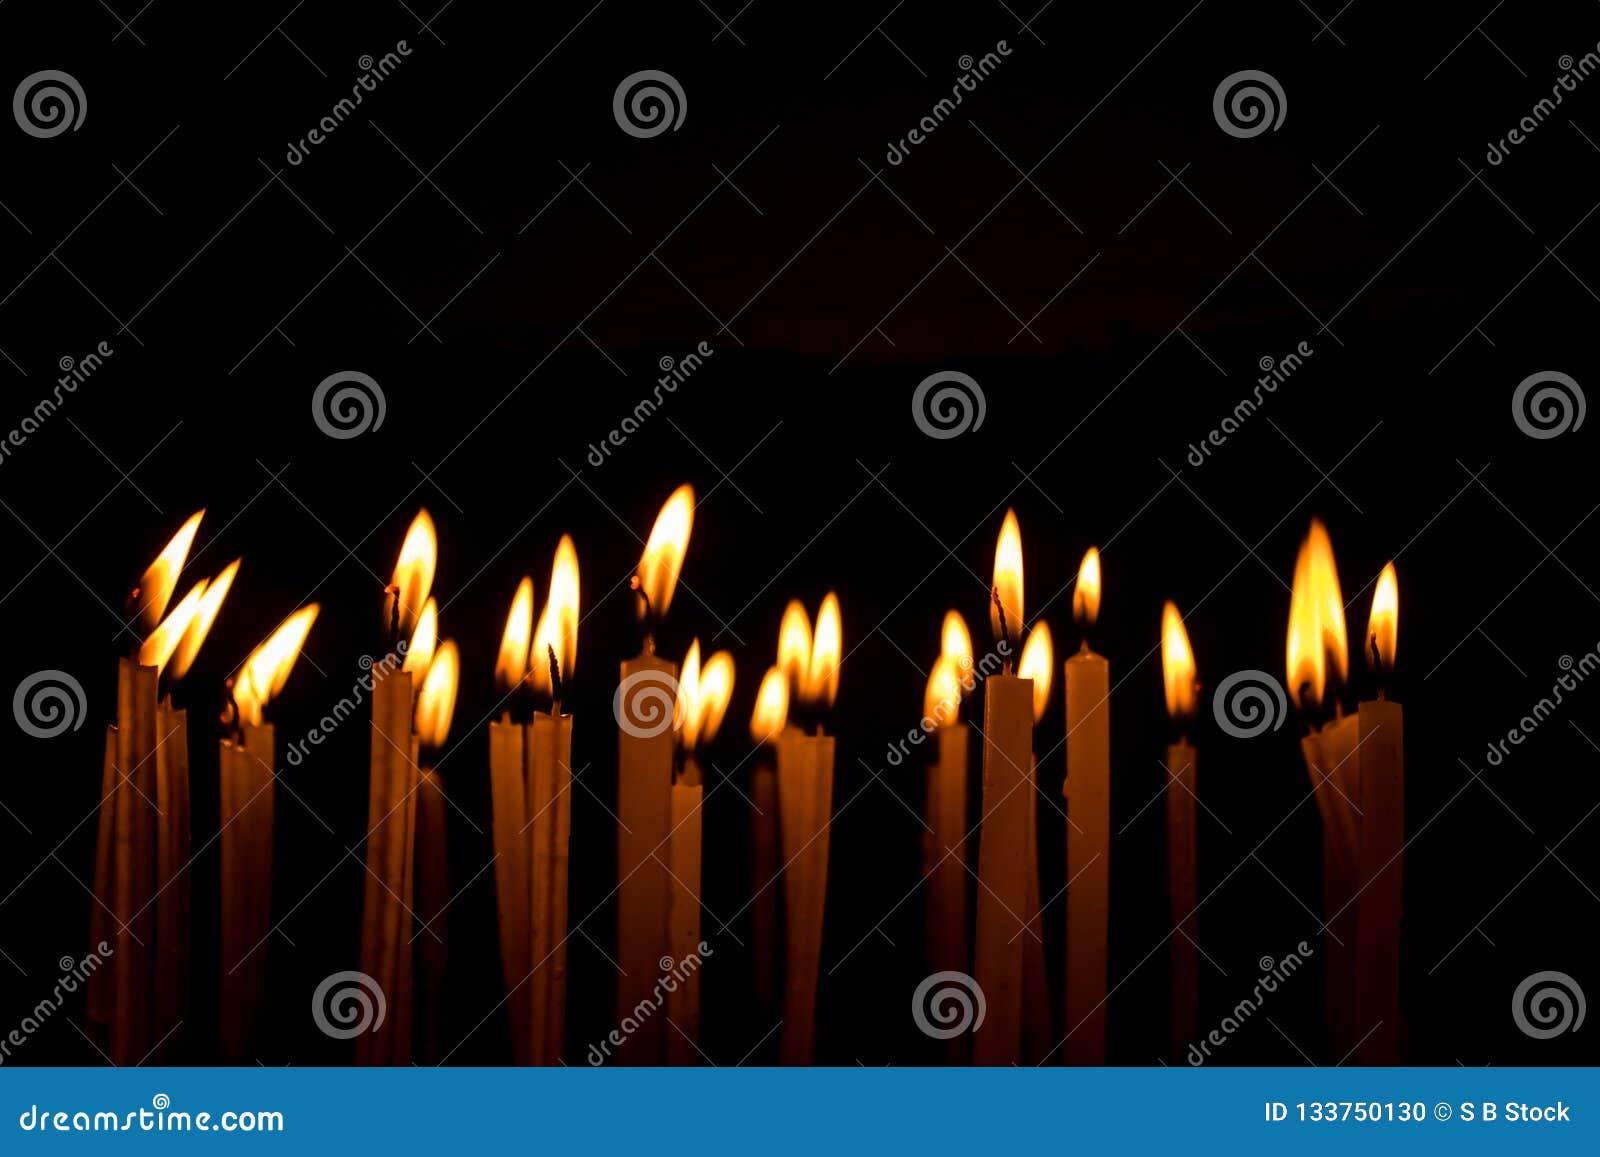 Beaucoup de bougies de Noël brûlant la nuit sur le fond noir